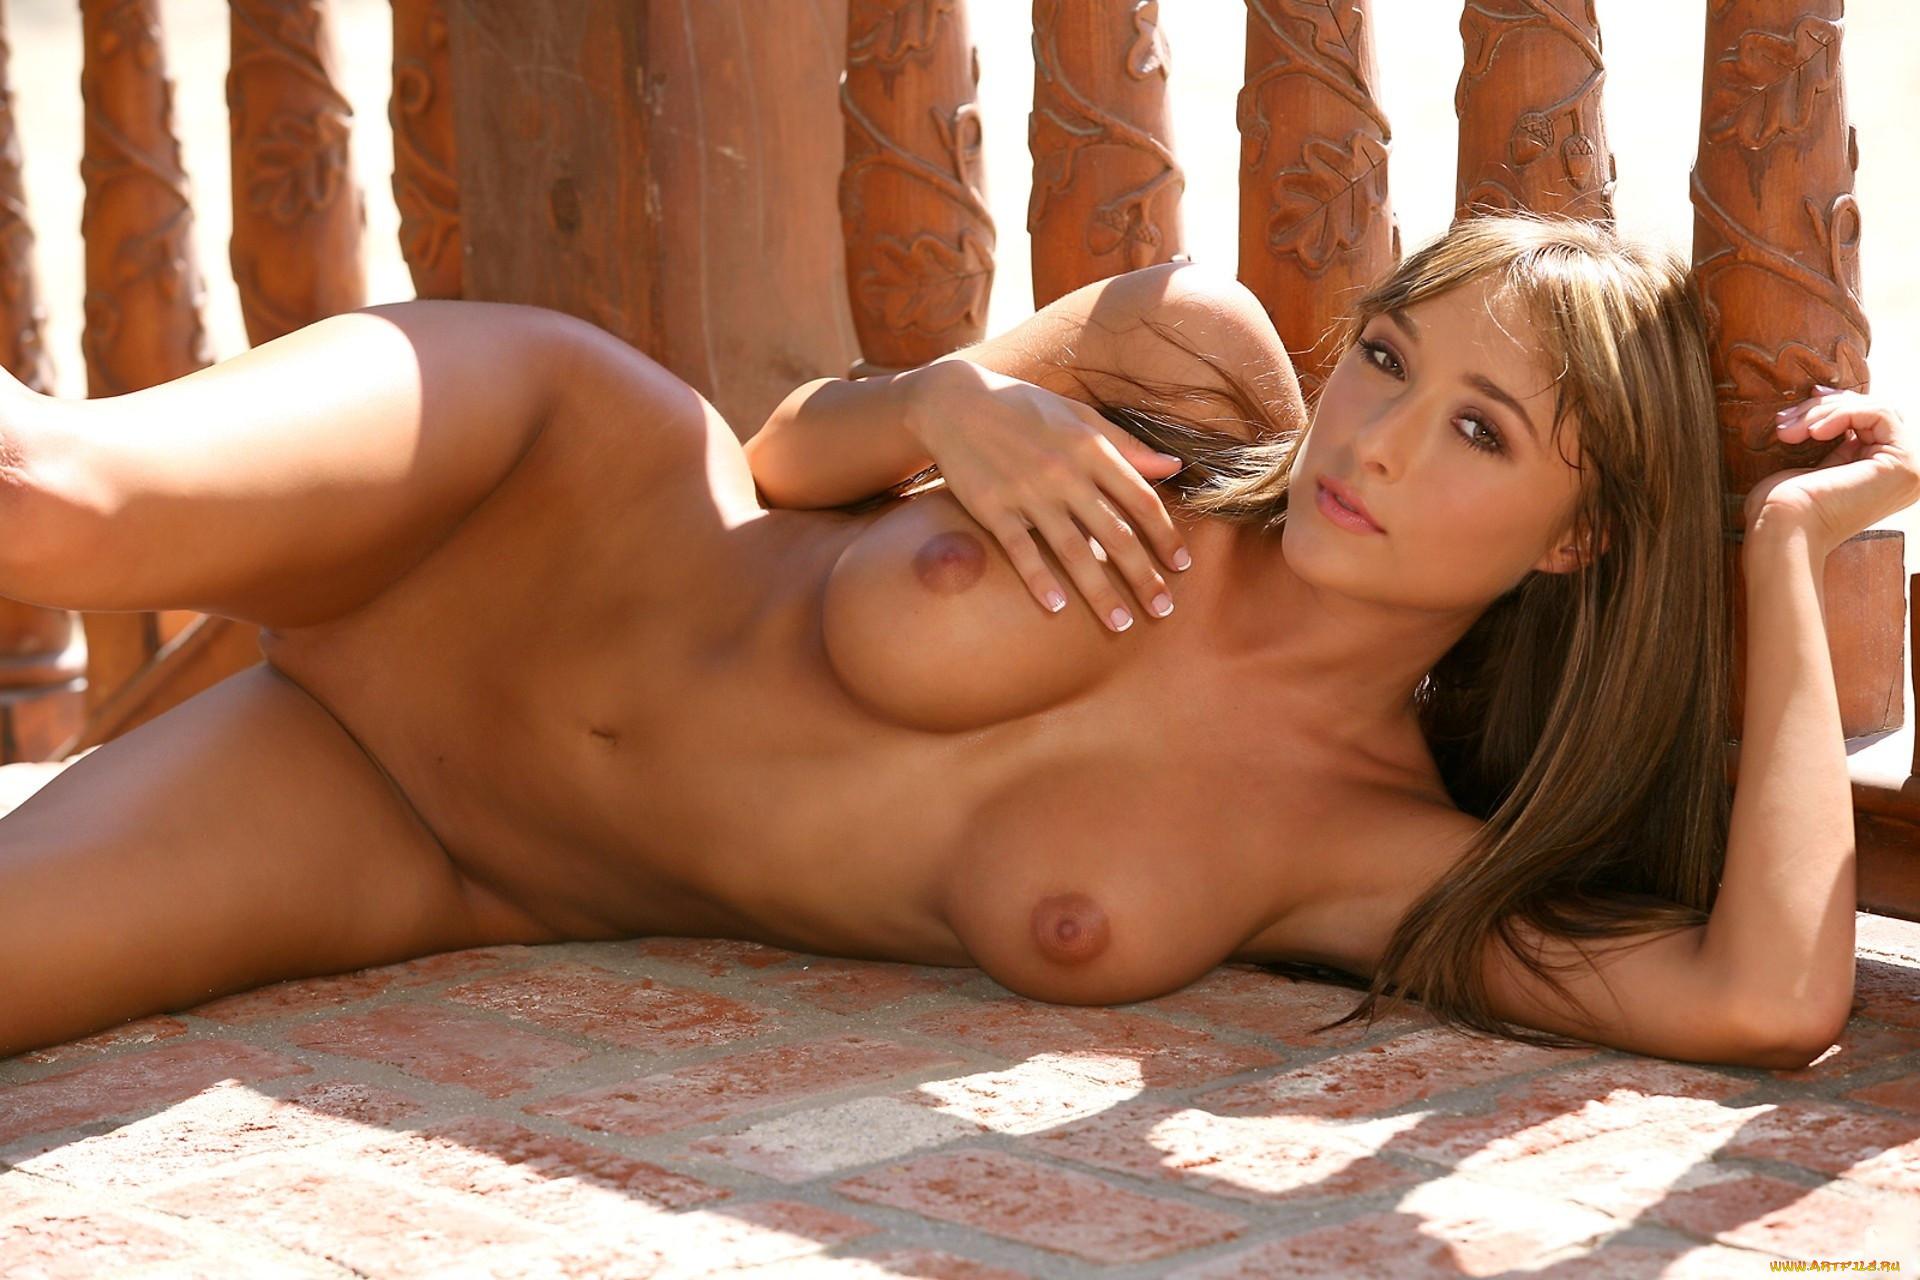 Naga nude model erotica pics